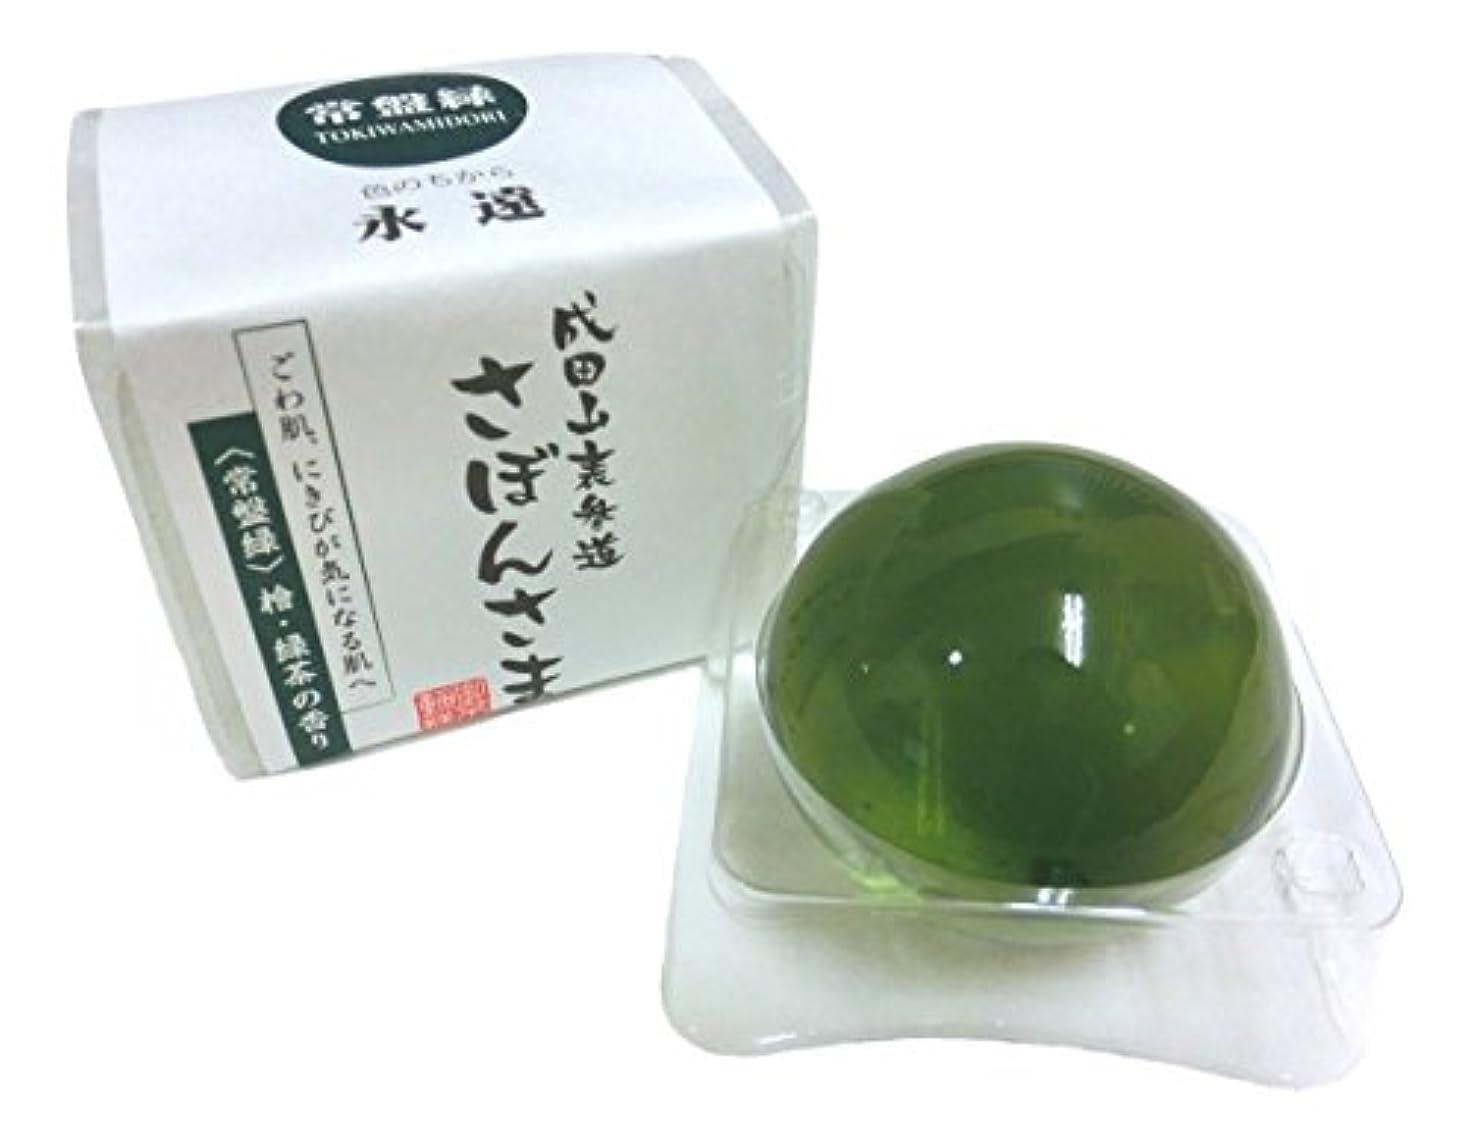 メンテナンスとんでもないデザイナー成田山表参道 さぼんさま〈常盤緑〉檜?緑茶の香り 100g